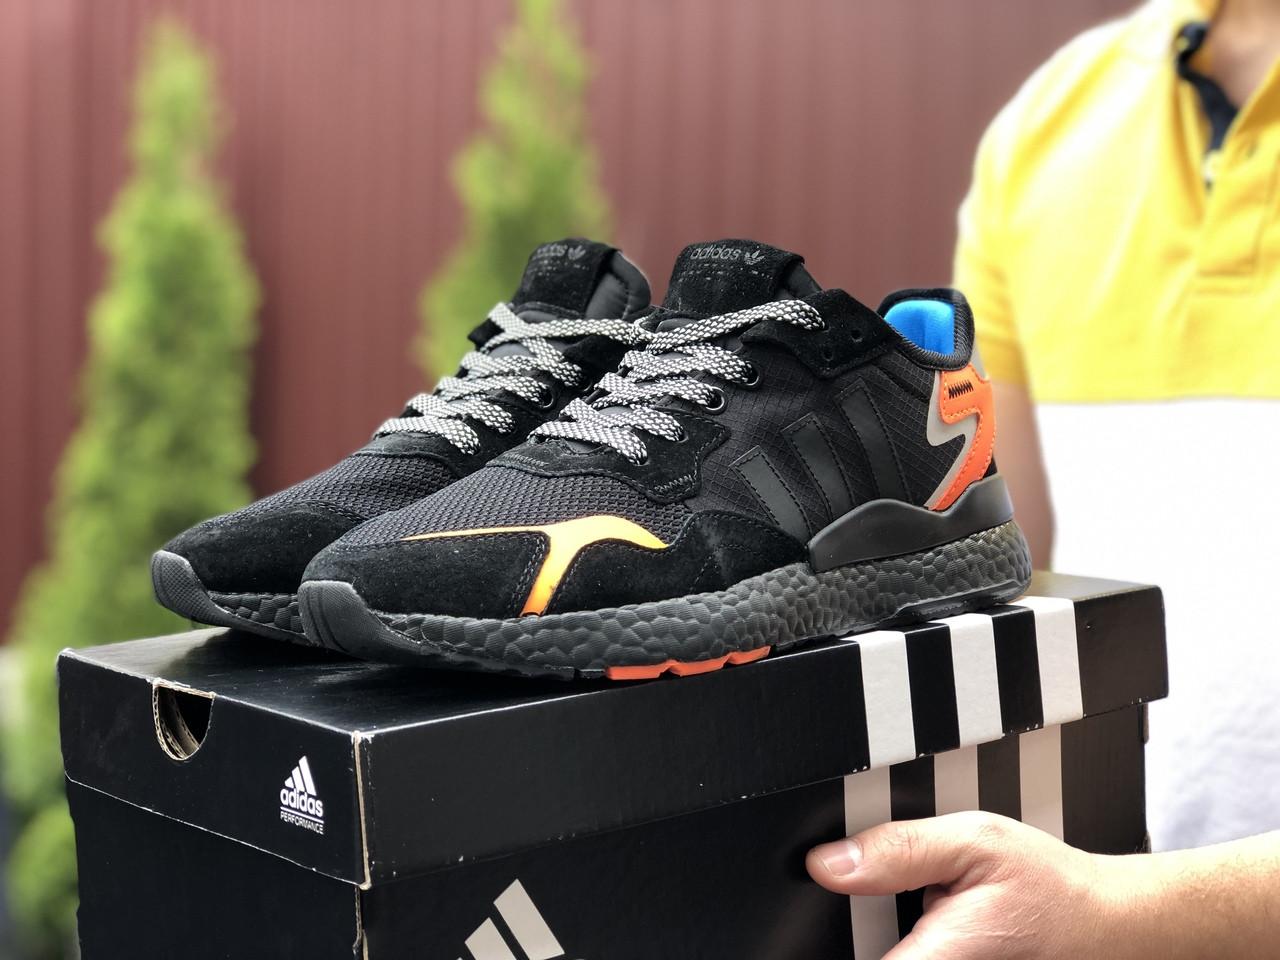 Чоловічі кросівки Adidas Nite Jogger Boost 3M,чорні з помаранчевим